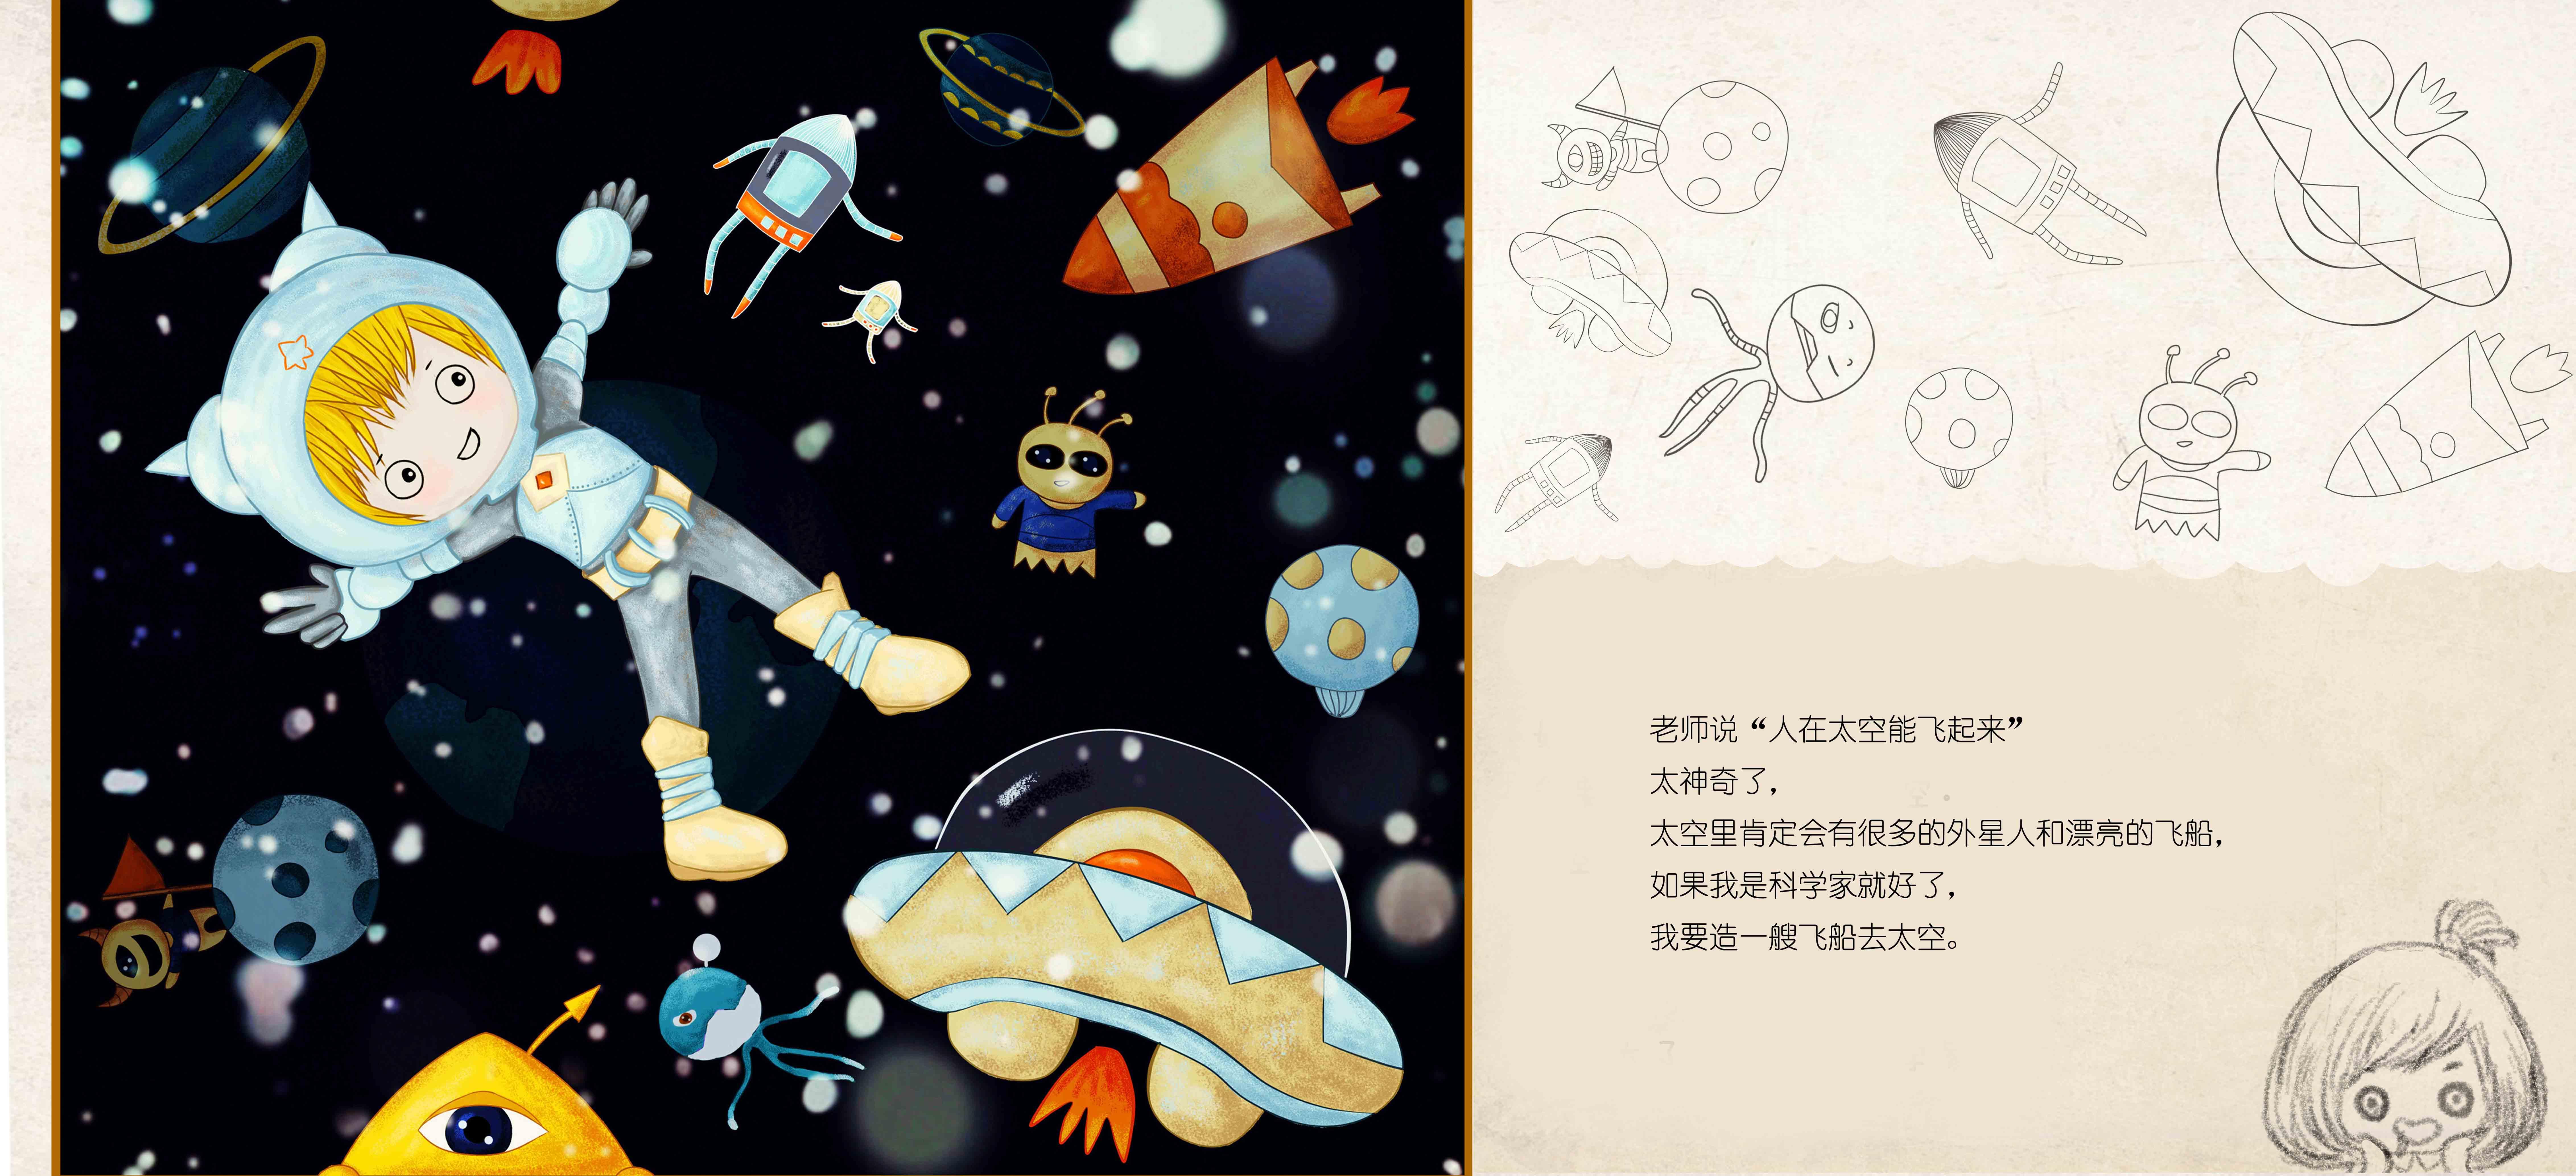 cg插画,梦想世界,男孩,自行车,天空,城堡,其他,动漫动画,可爱卡通图片